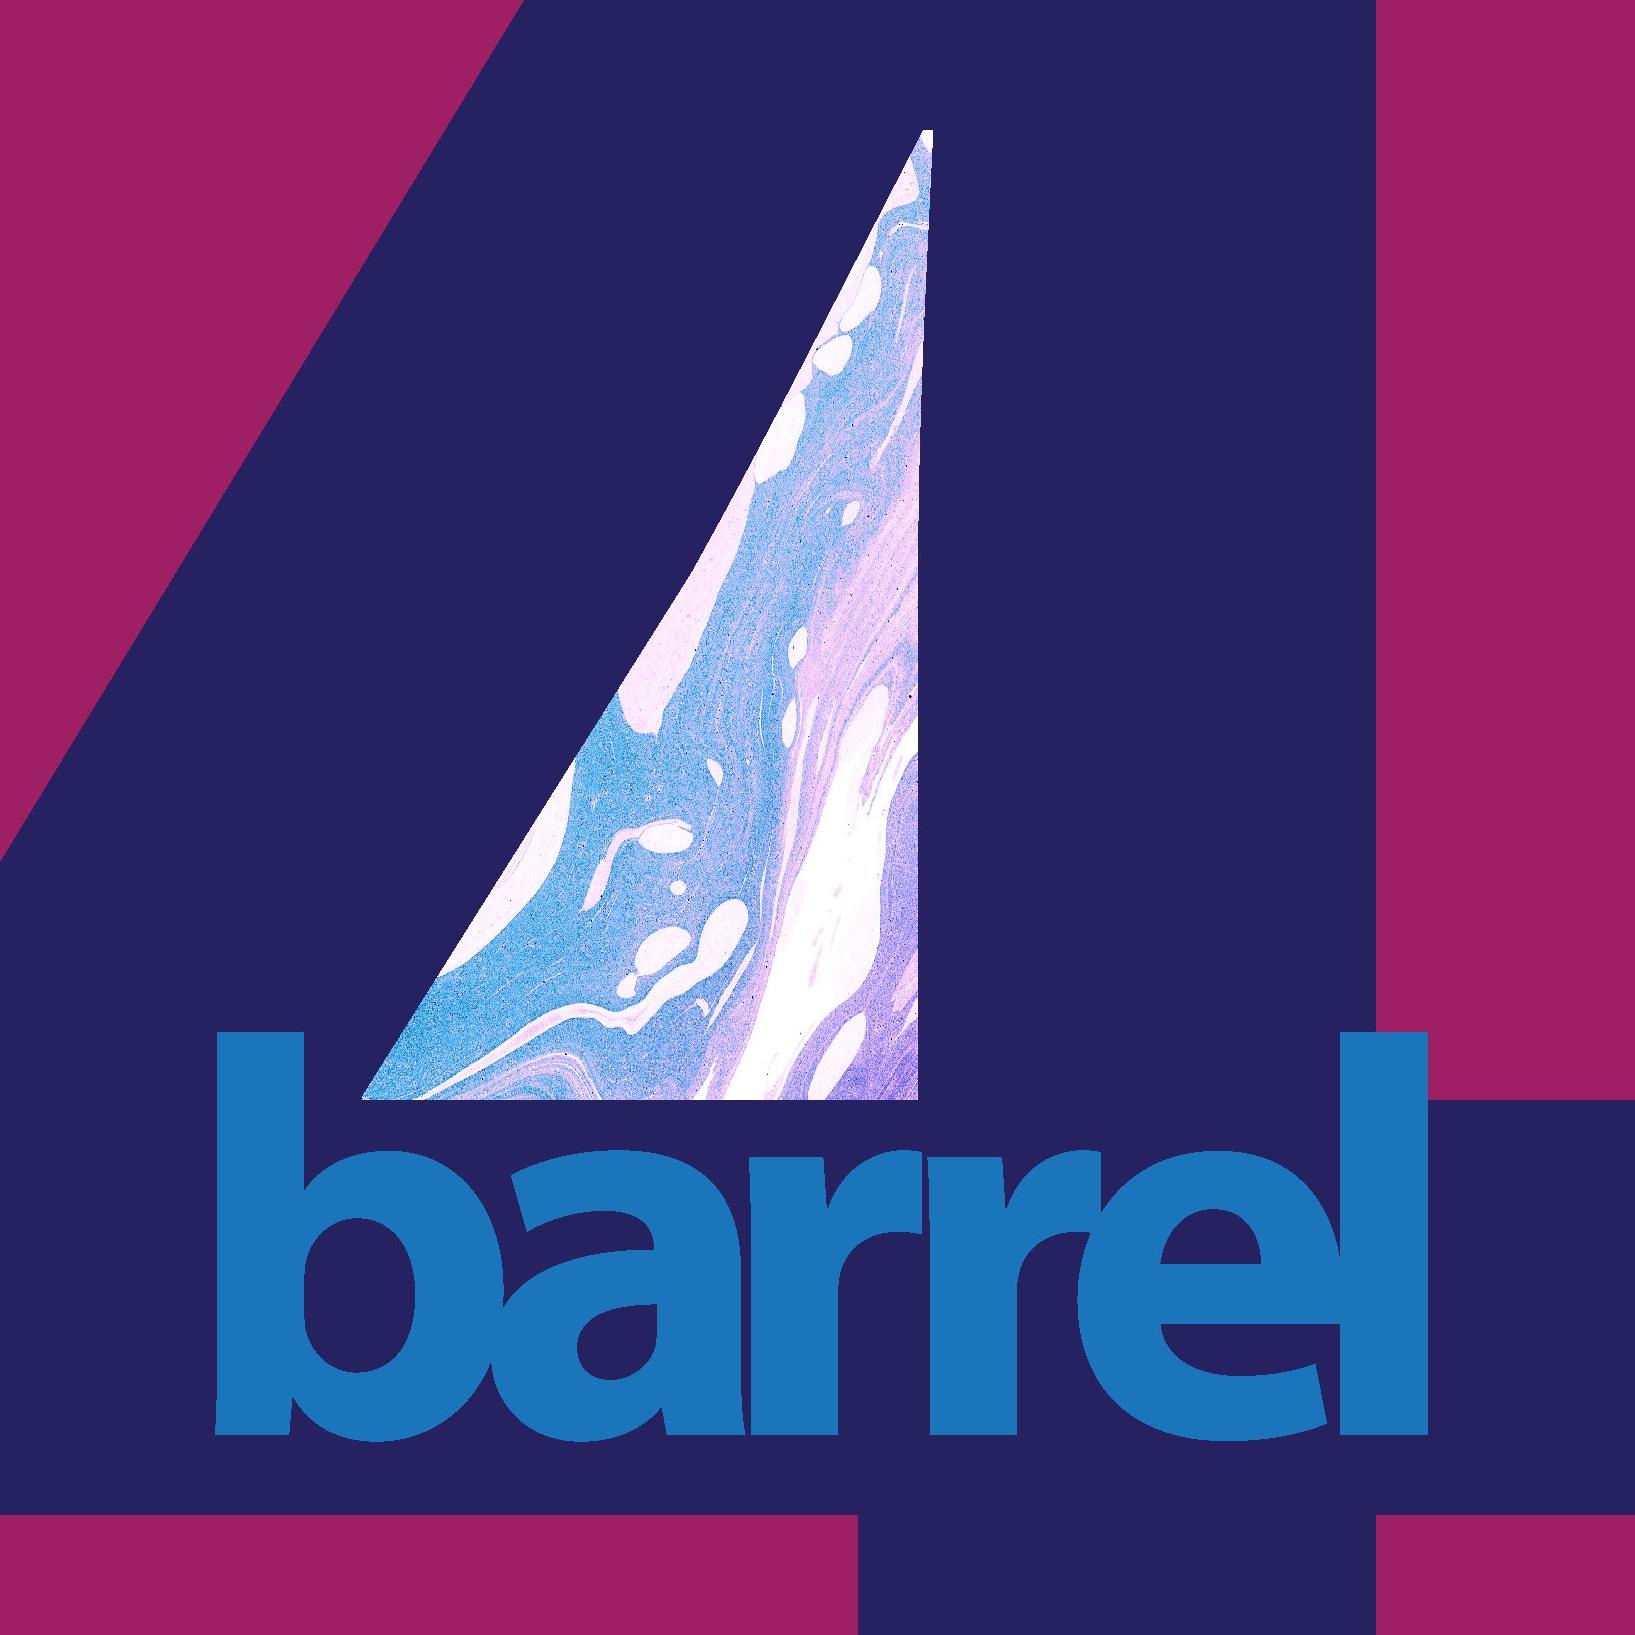 4-logo-frontbiz-2.jpg